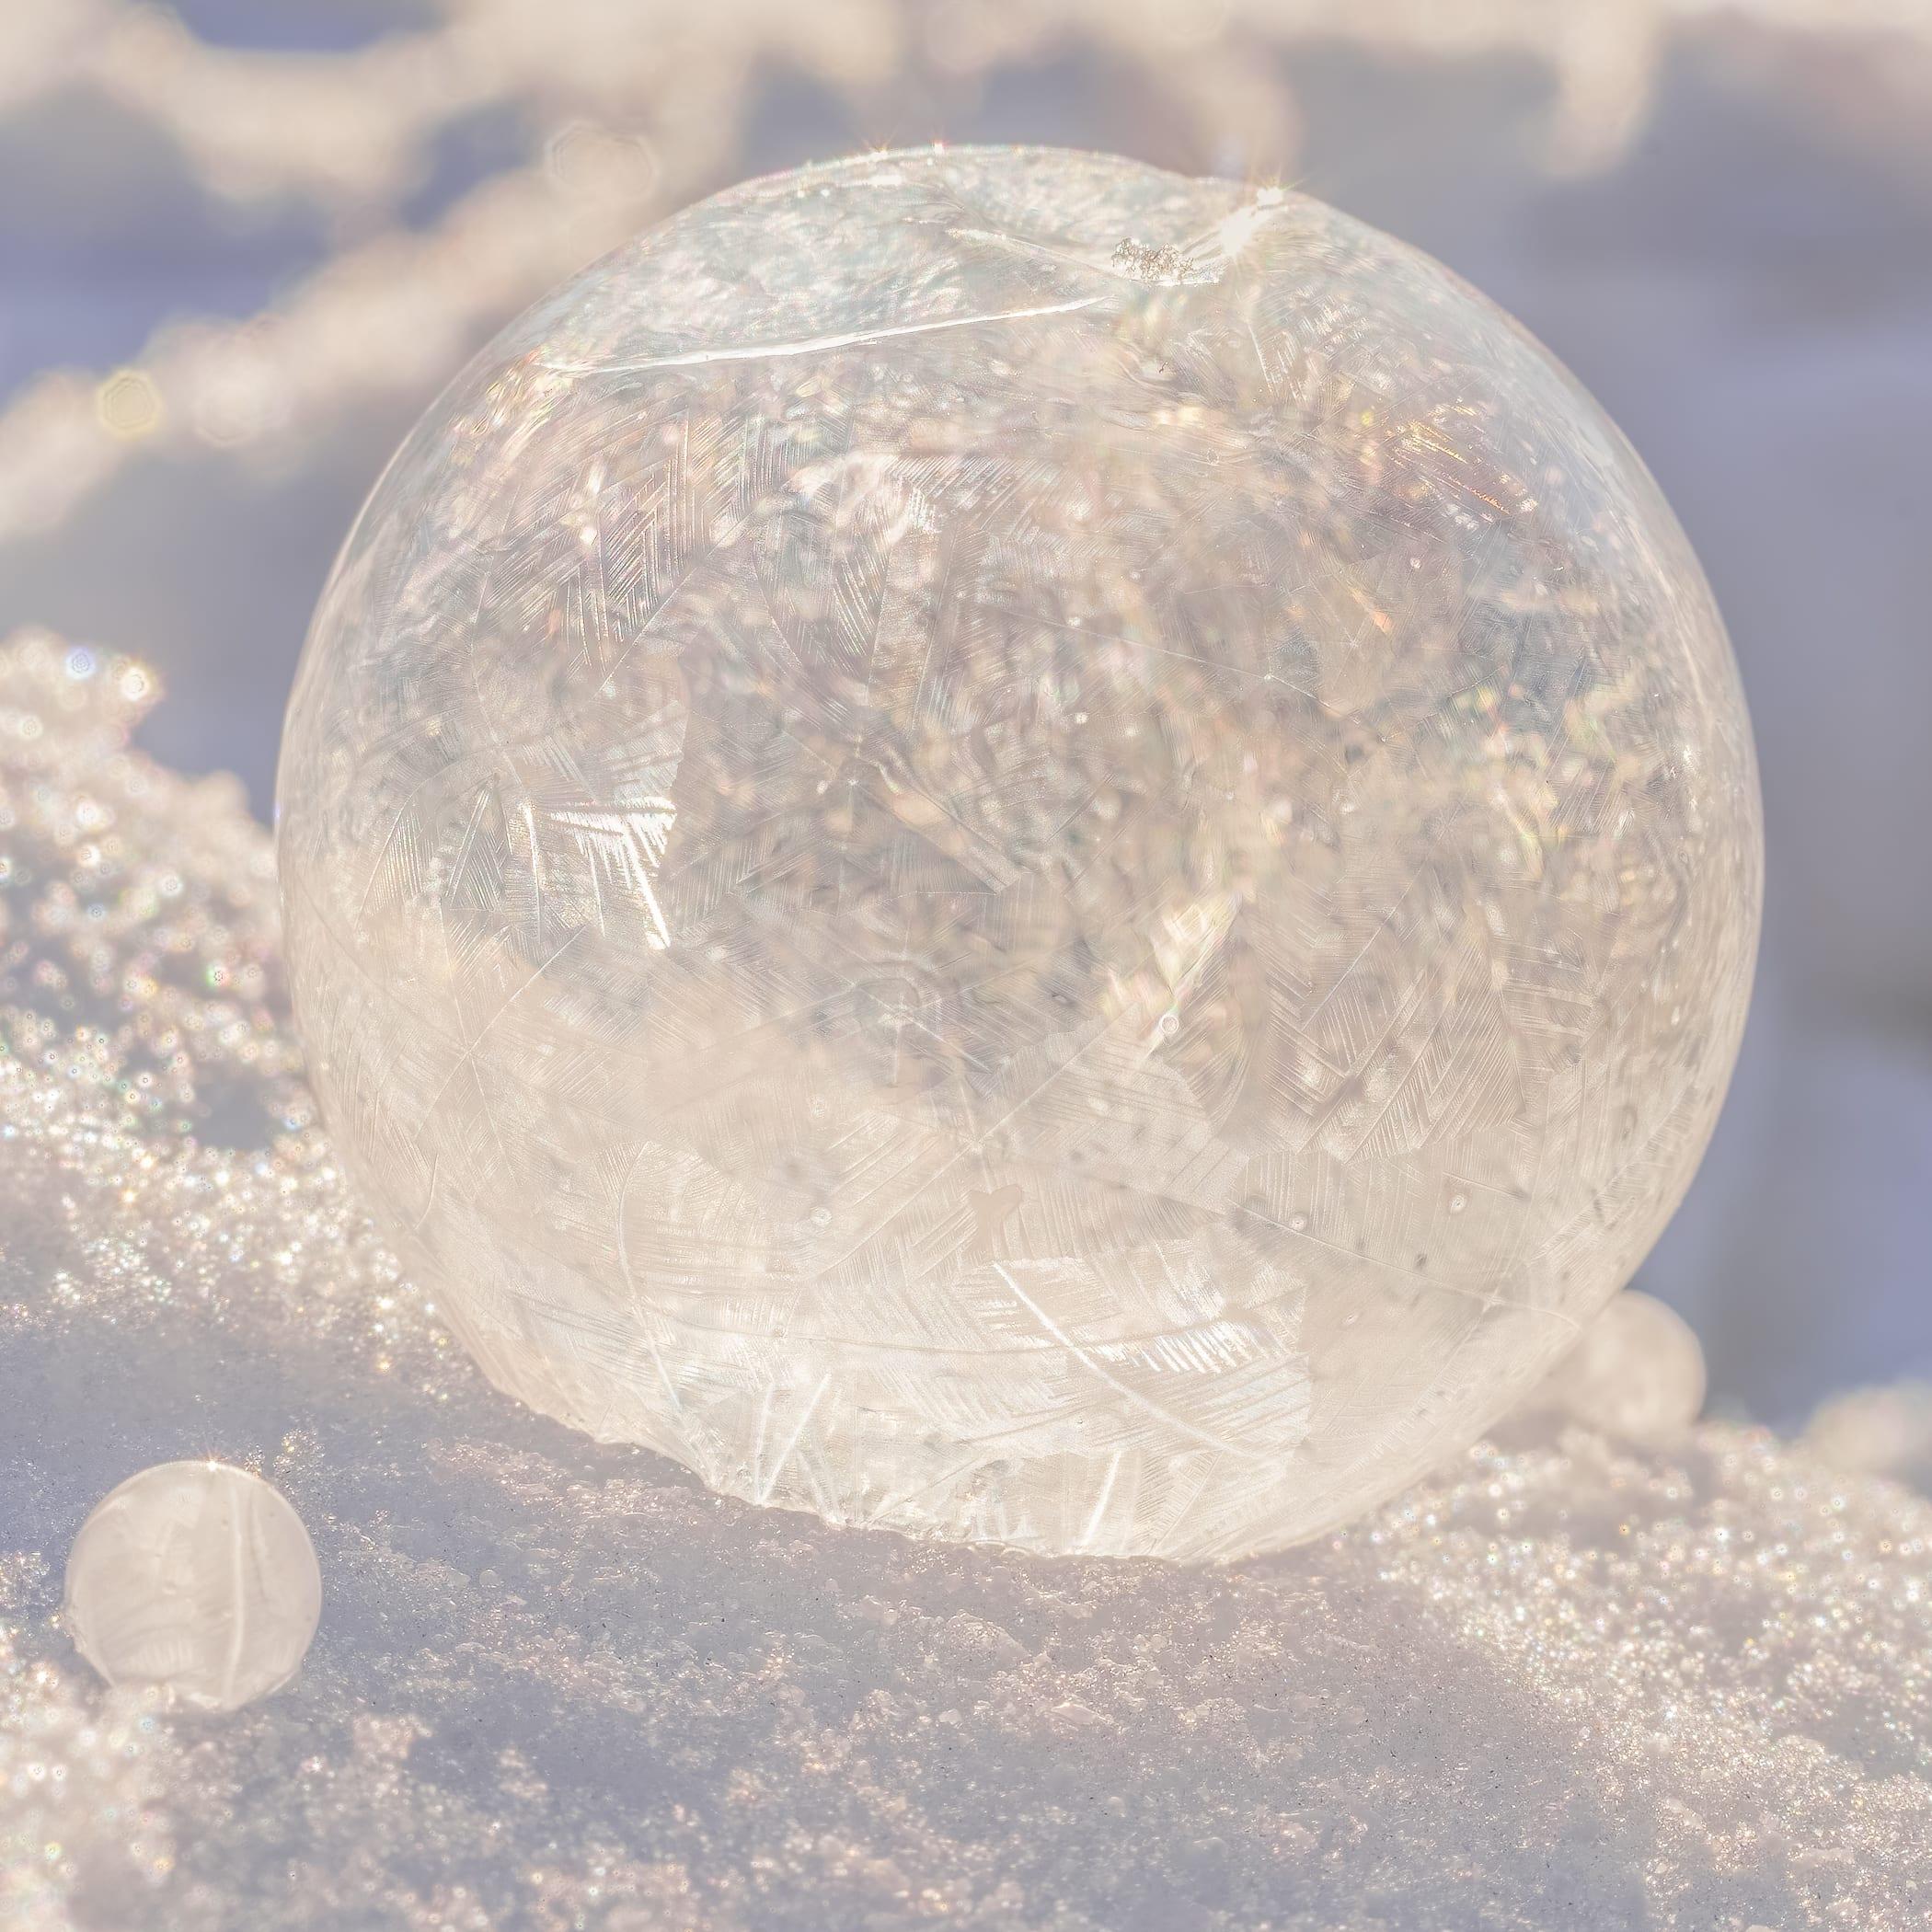 Close up of a frozen soap bubble